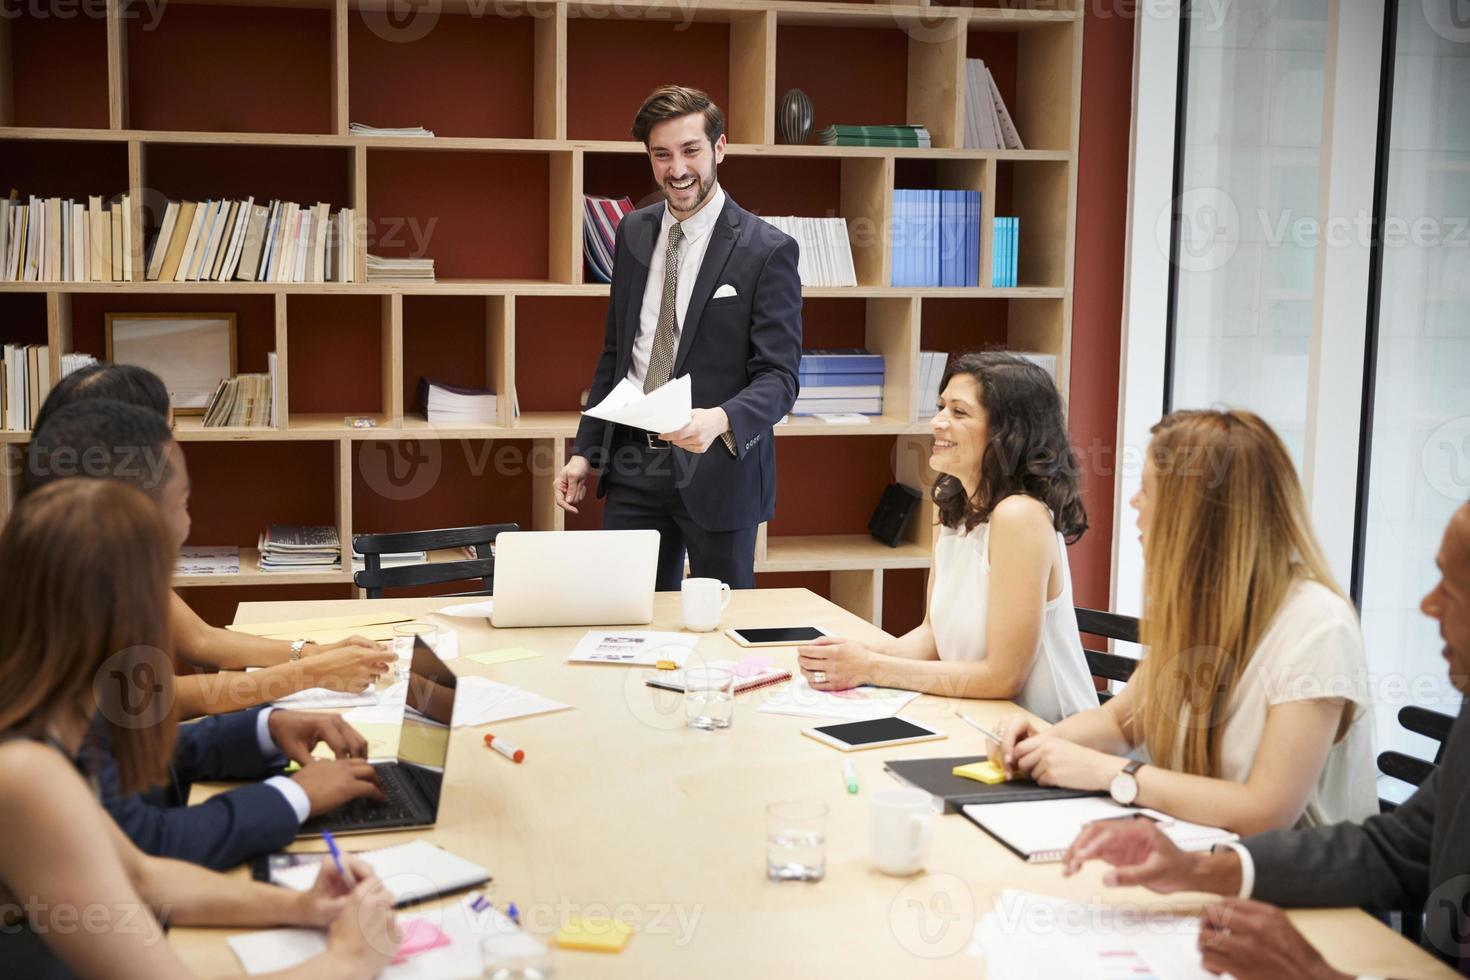 junger männlicher Manager, der an einer Geschäftsvorstandssitzung steht foto